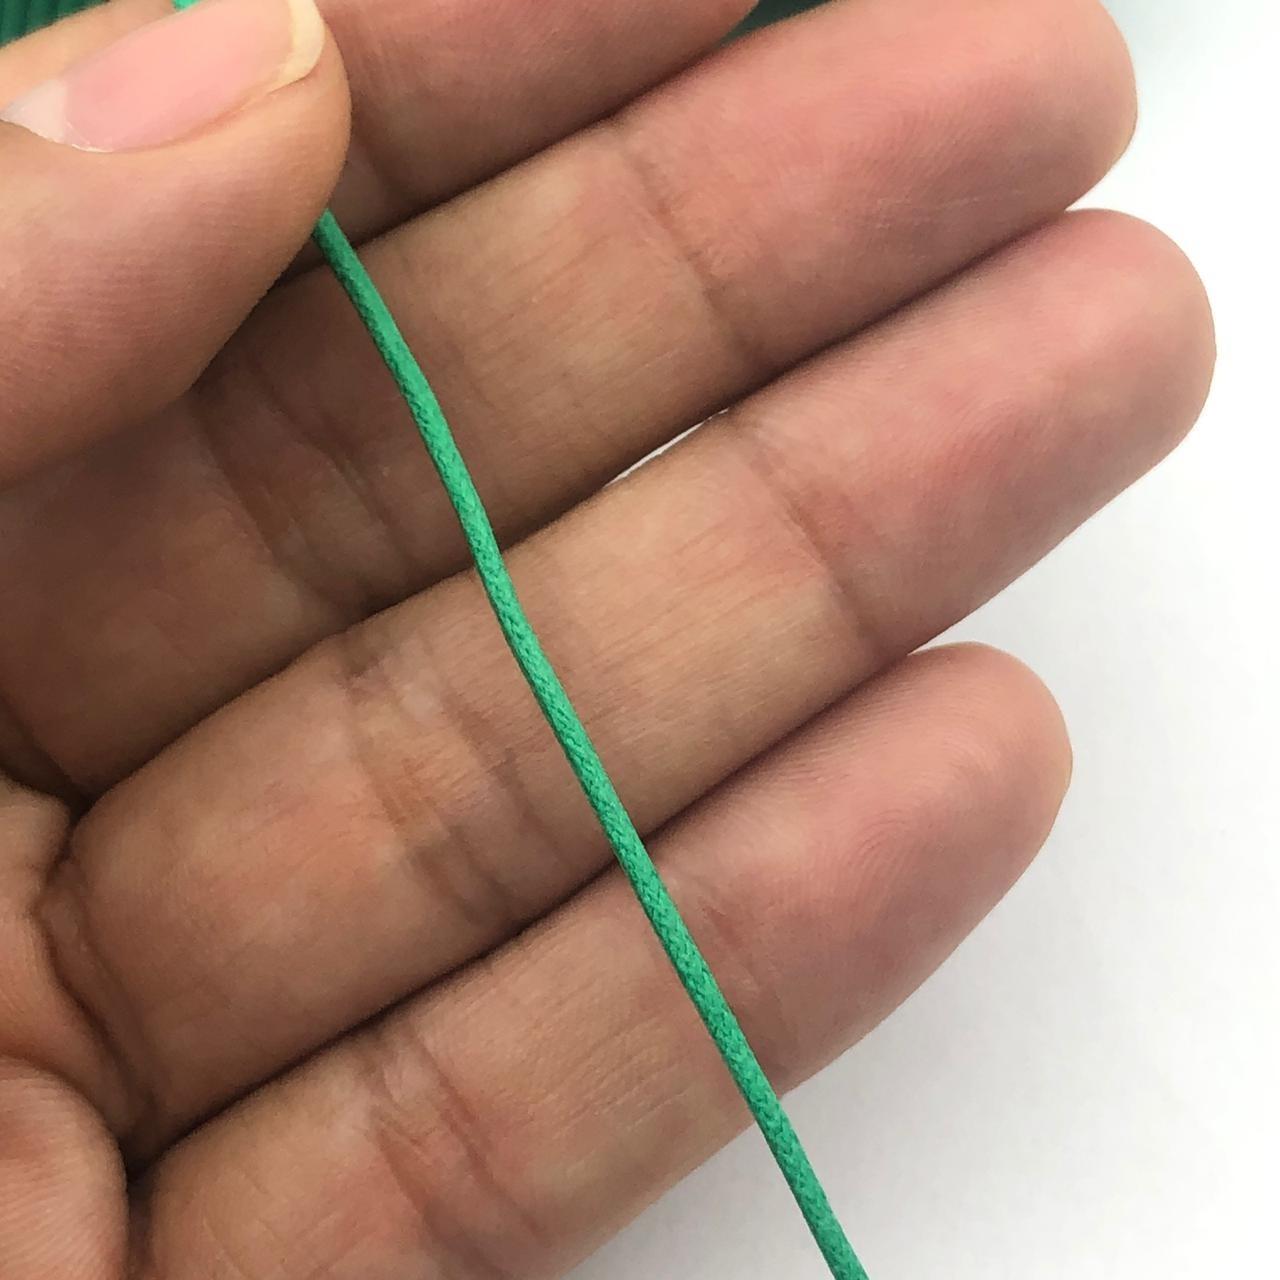 FE79 - Fio Encerado Verde Bandeira - 5metros